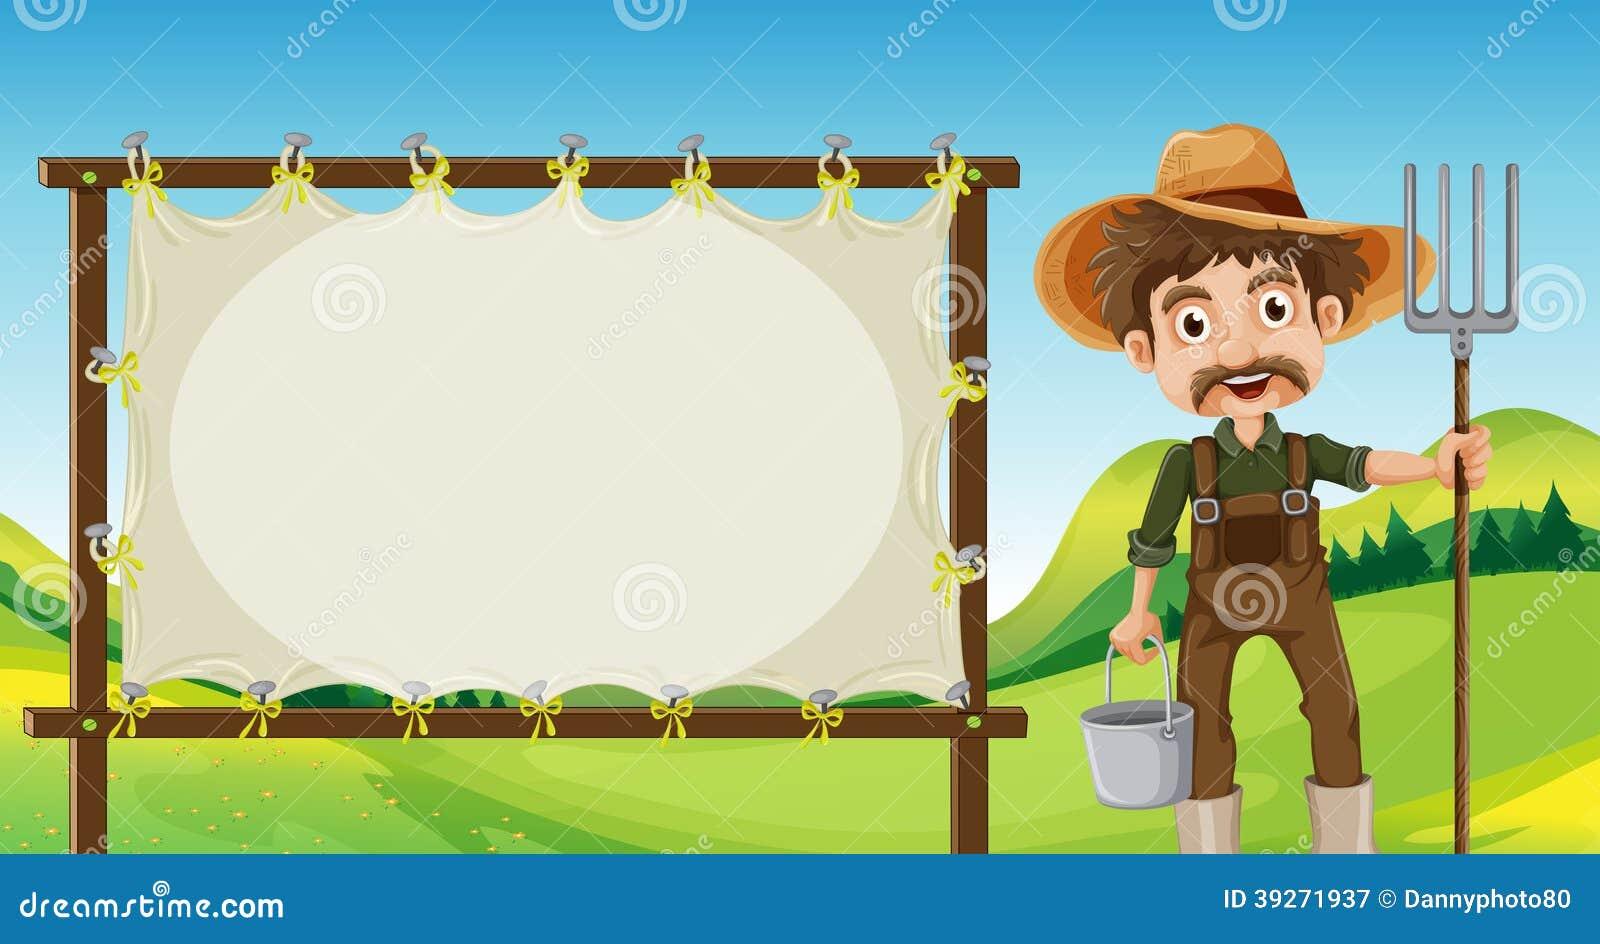 Un granjero al lado de la señalización vacía